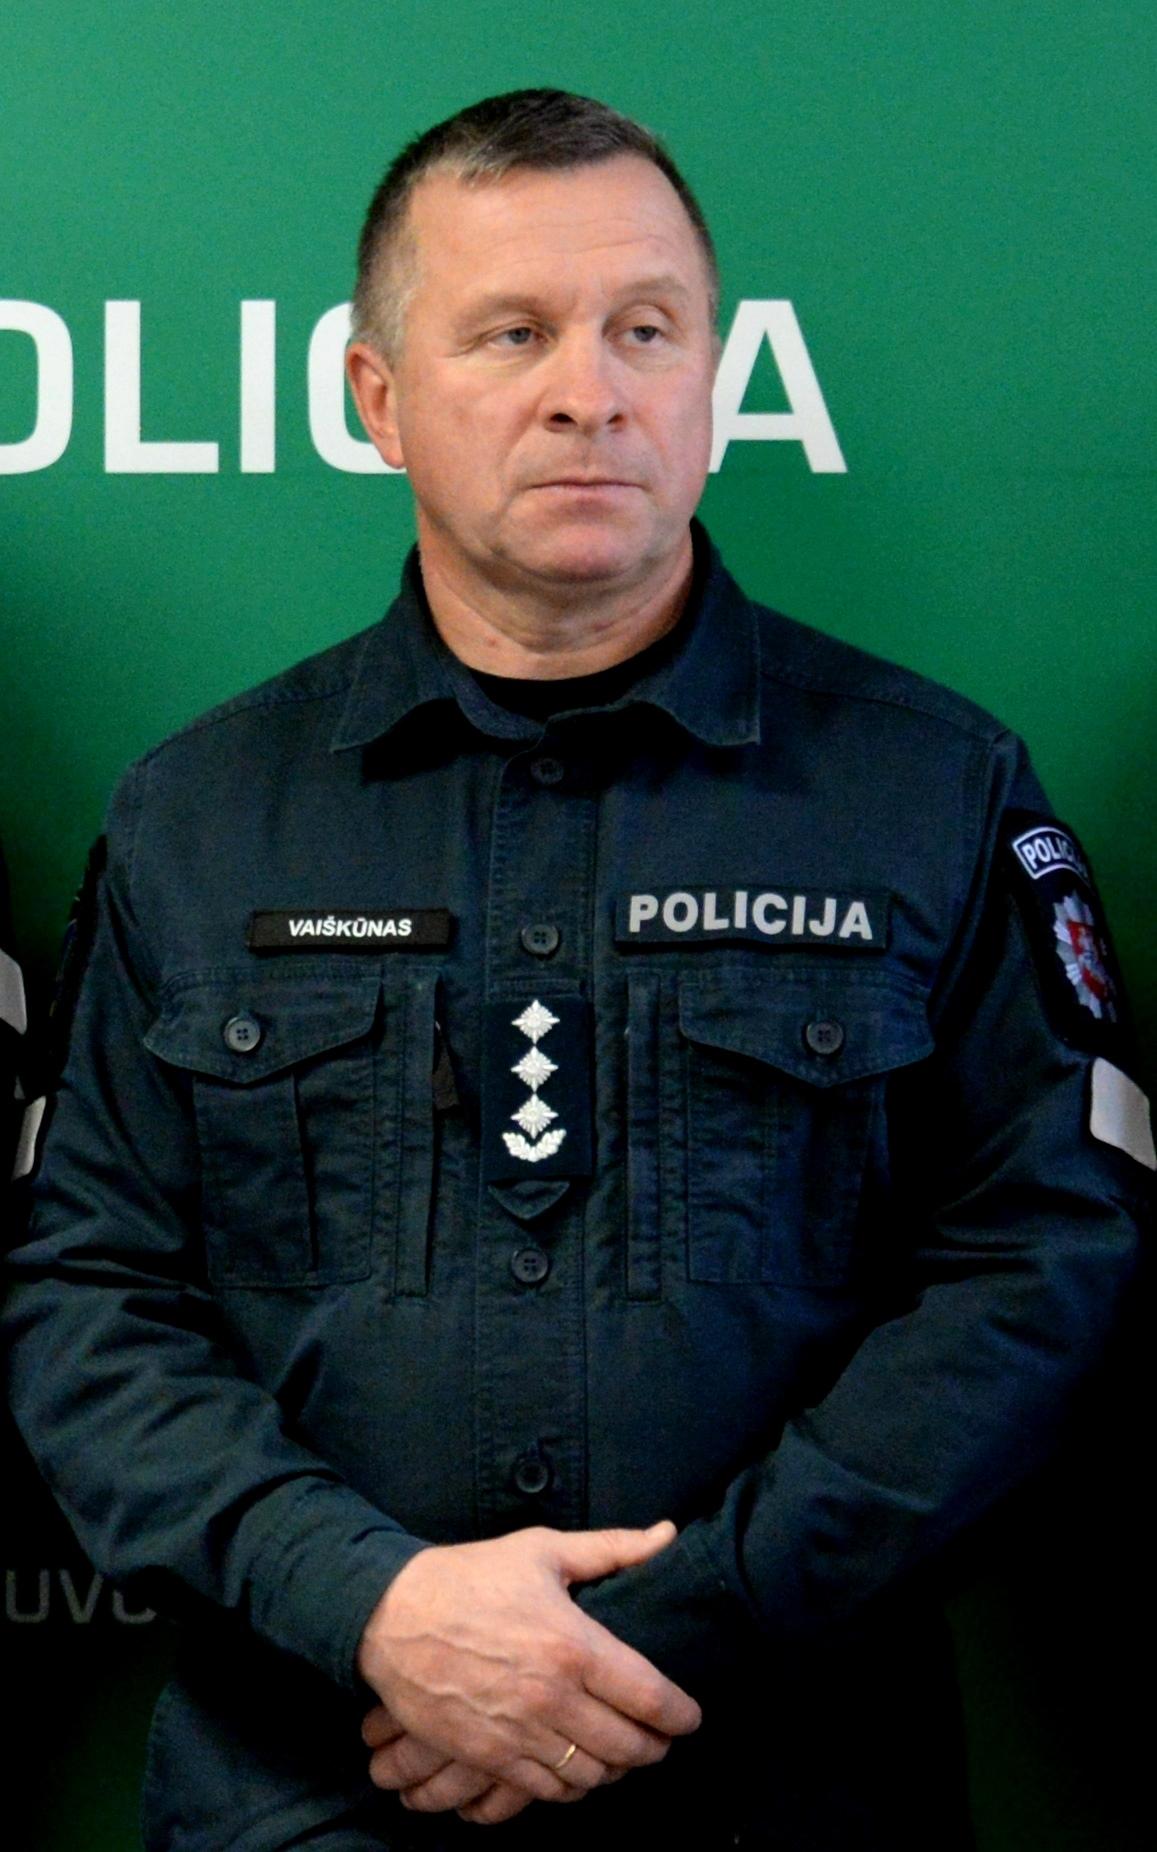 POLICIJA PRAŠO - IŠLIKIME RAMŪS, SUSITELKĘ, SĄMONINGI IR ATSAKINGI